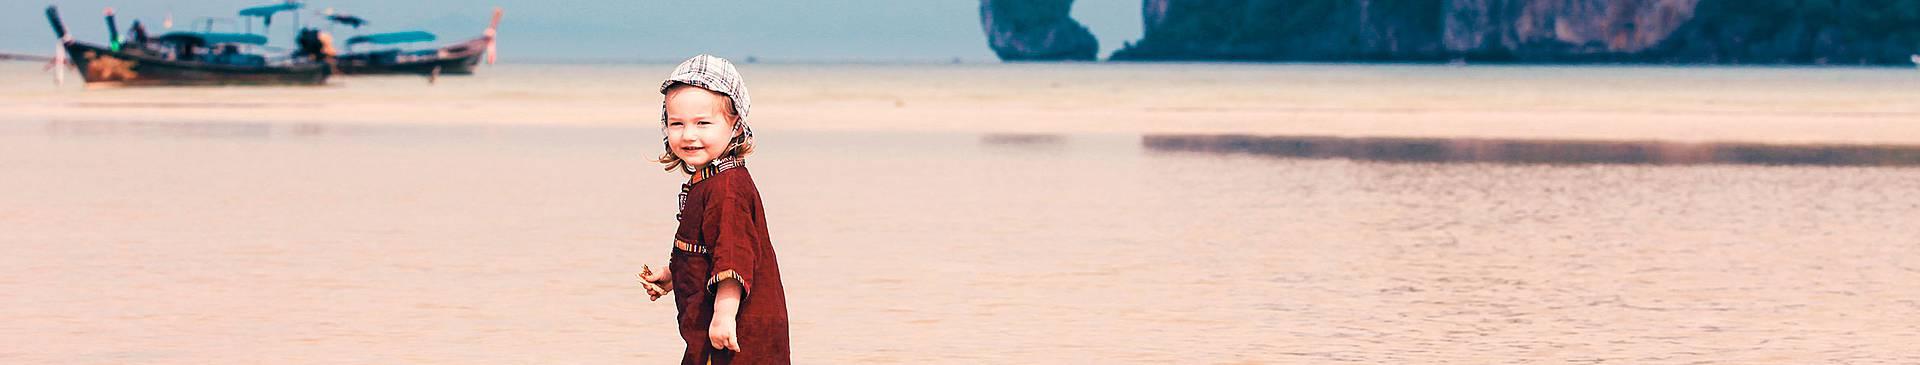 Viaggio in famiglia in Thailandia